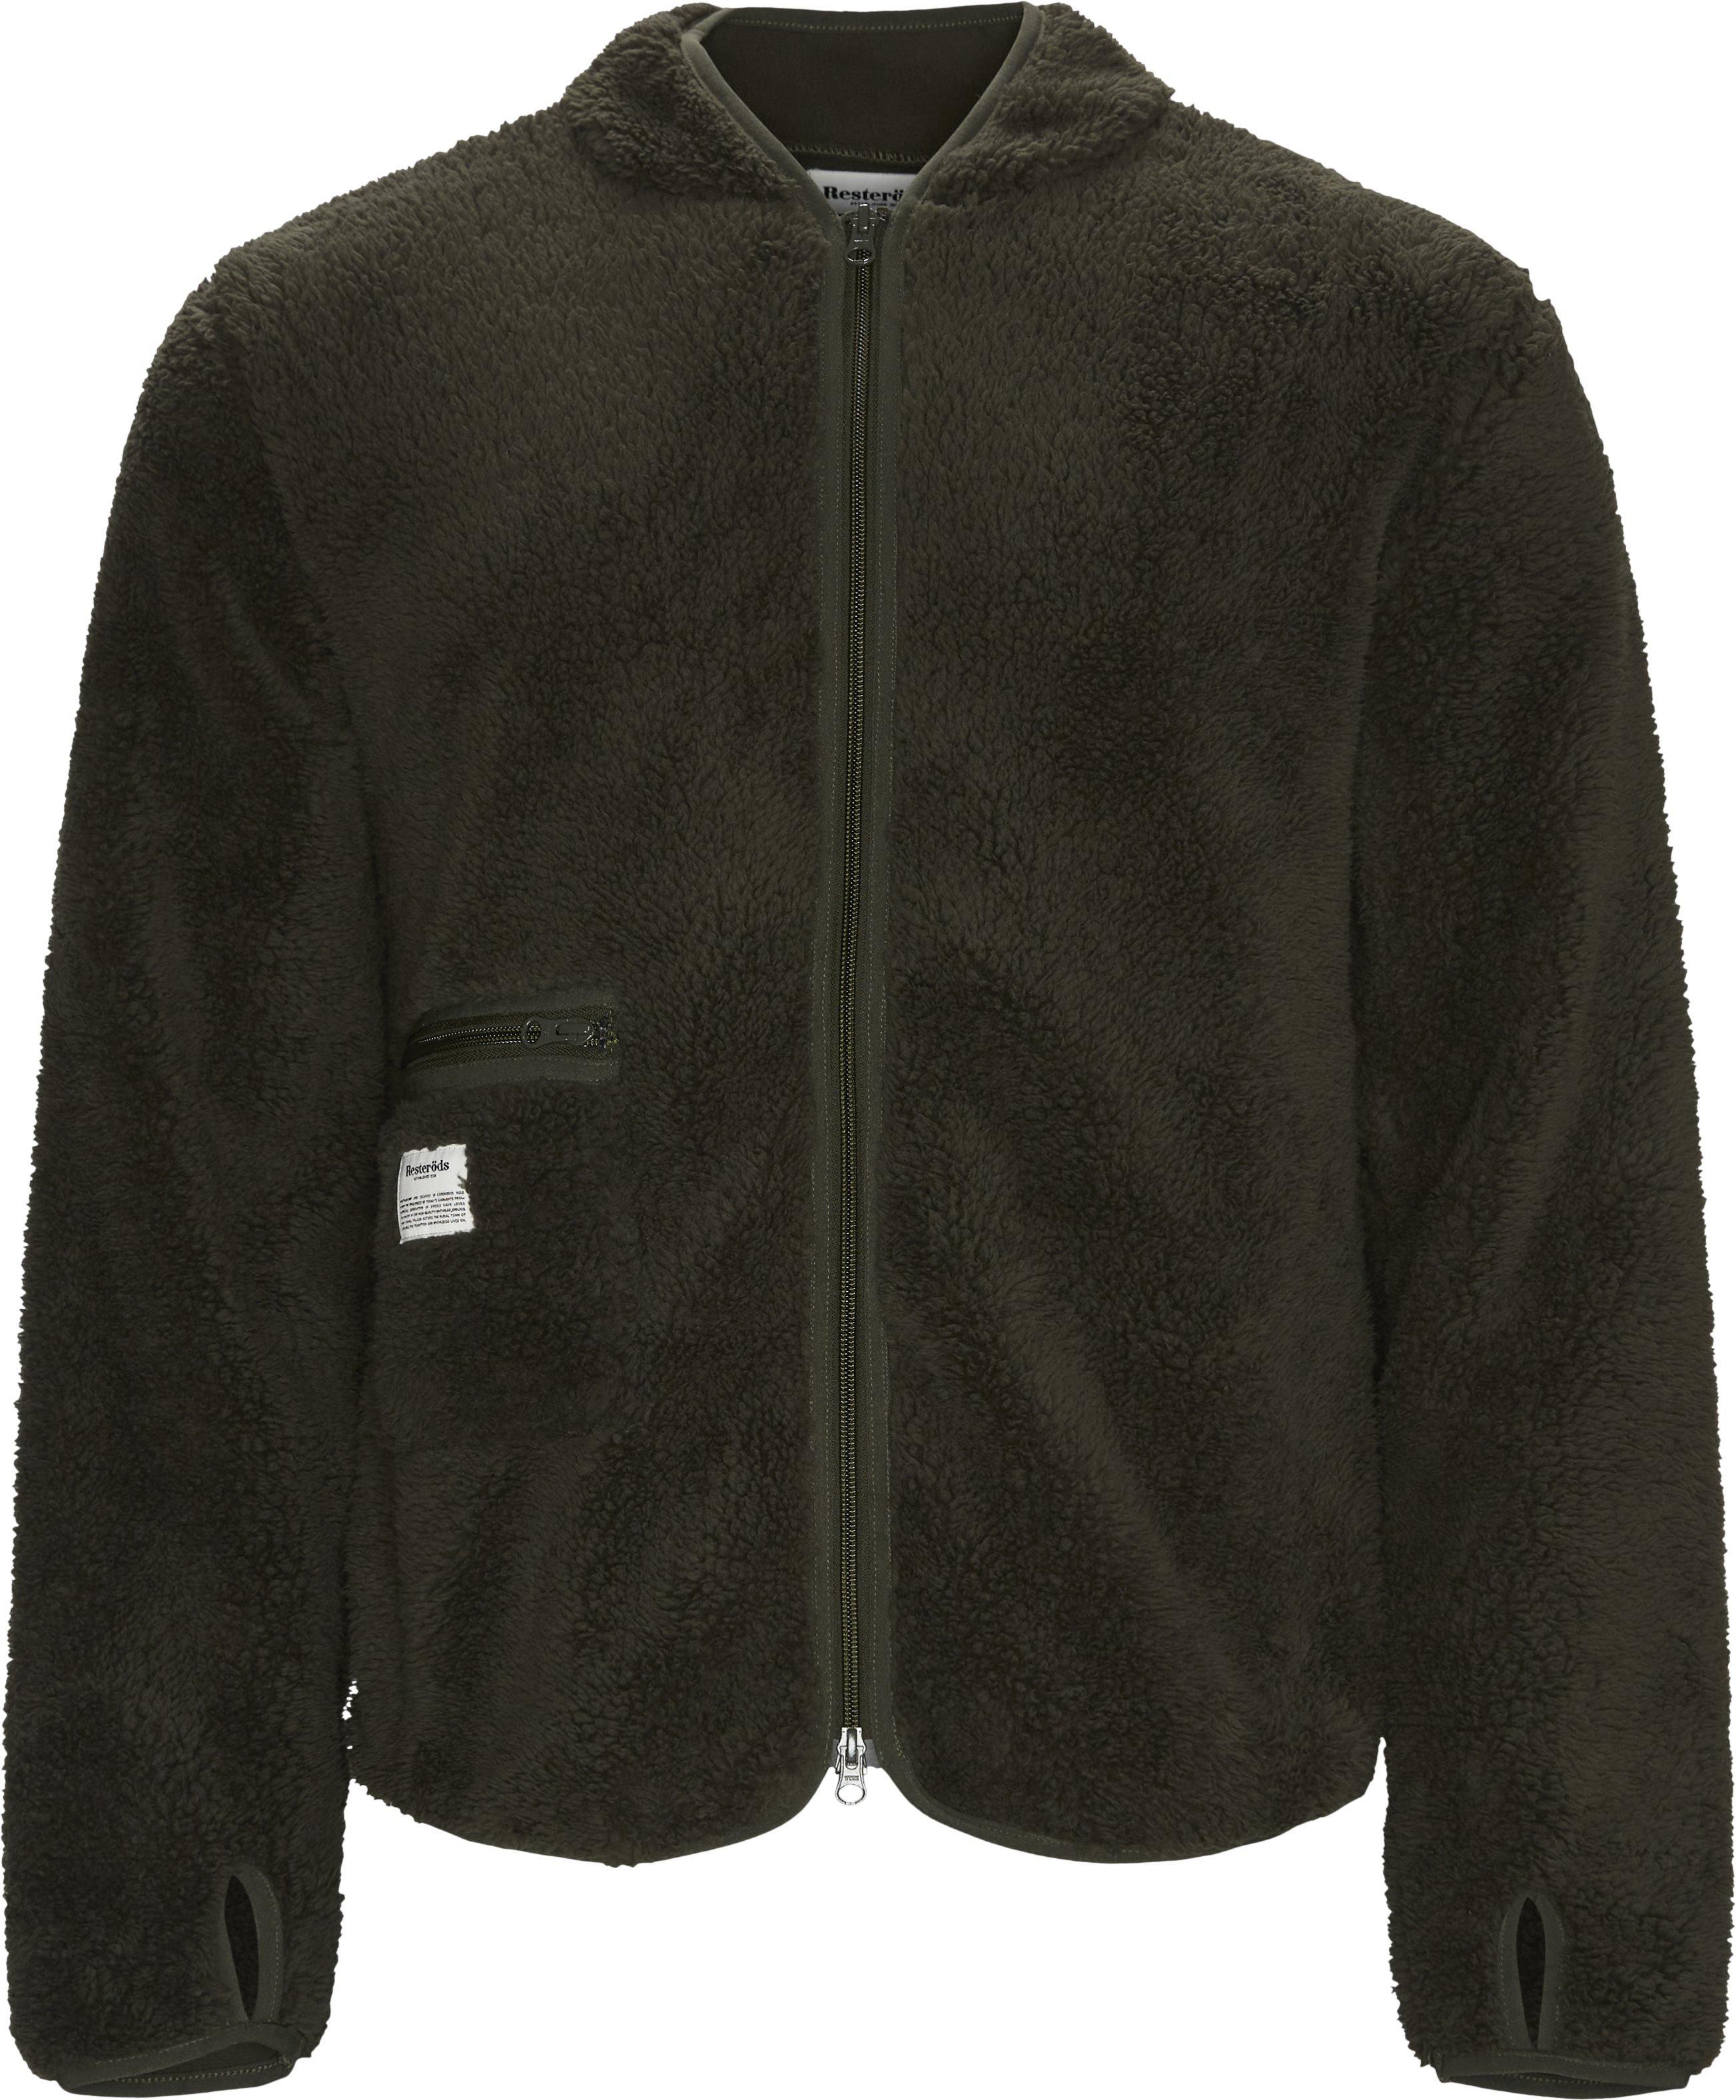 Fleece Jacket - Jackor - Regular - Armé